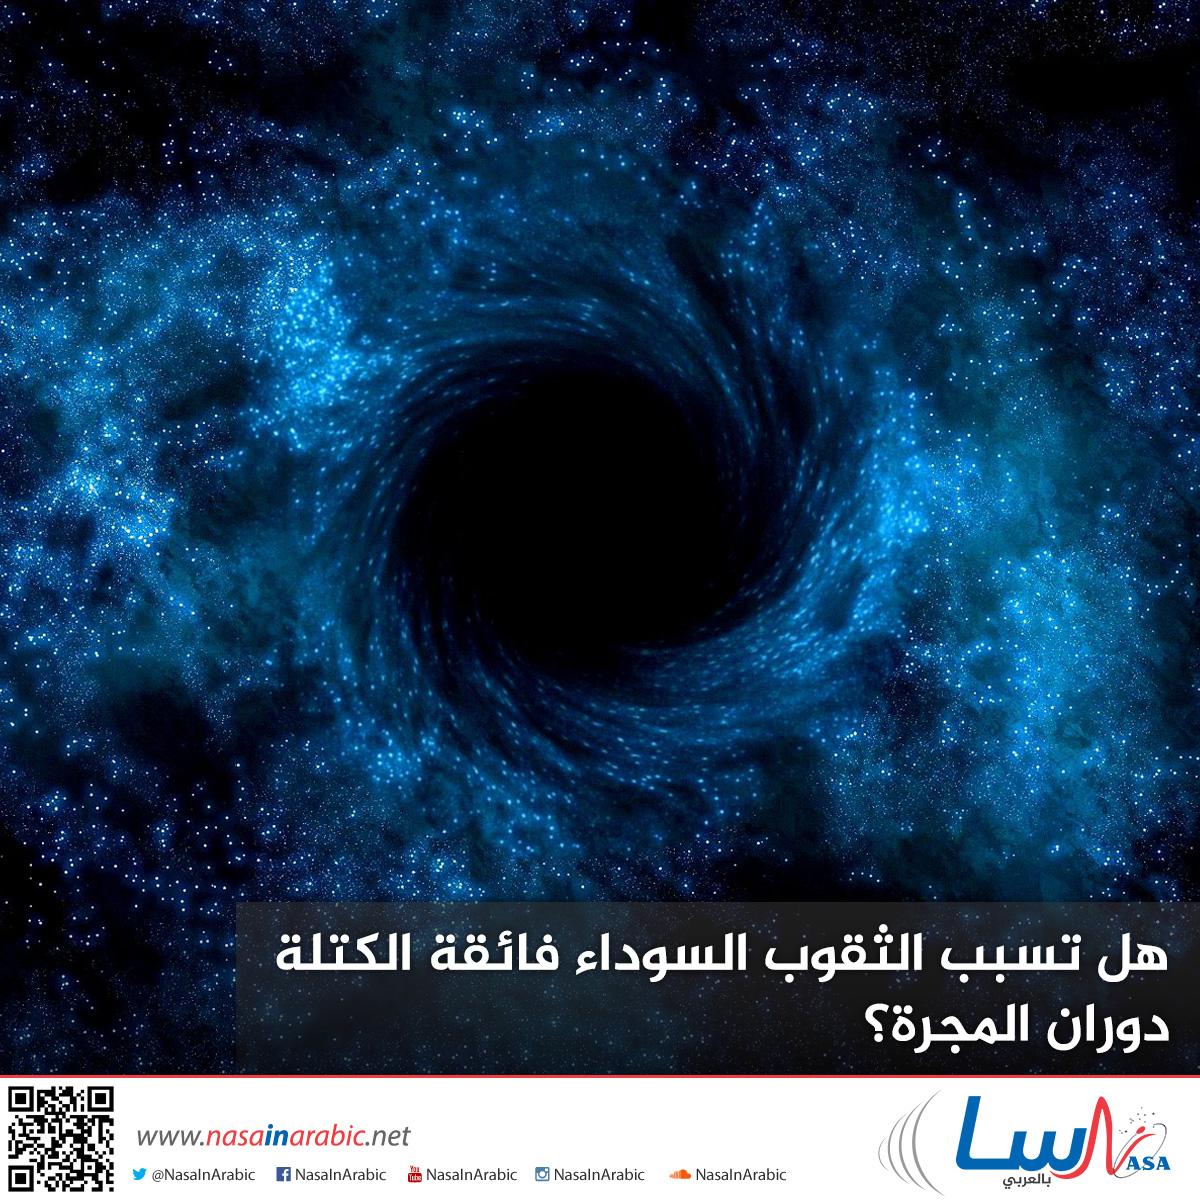 هل تسبب الثقوب السوداء فائقة الكتلة دوران المجرة؟